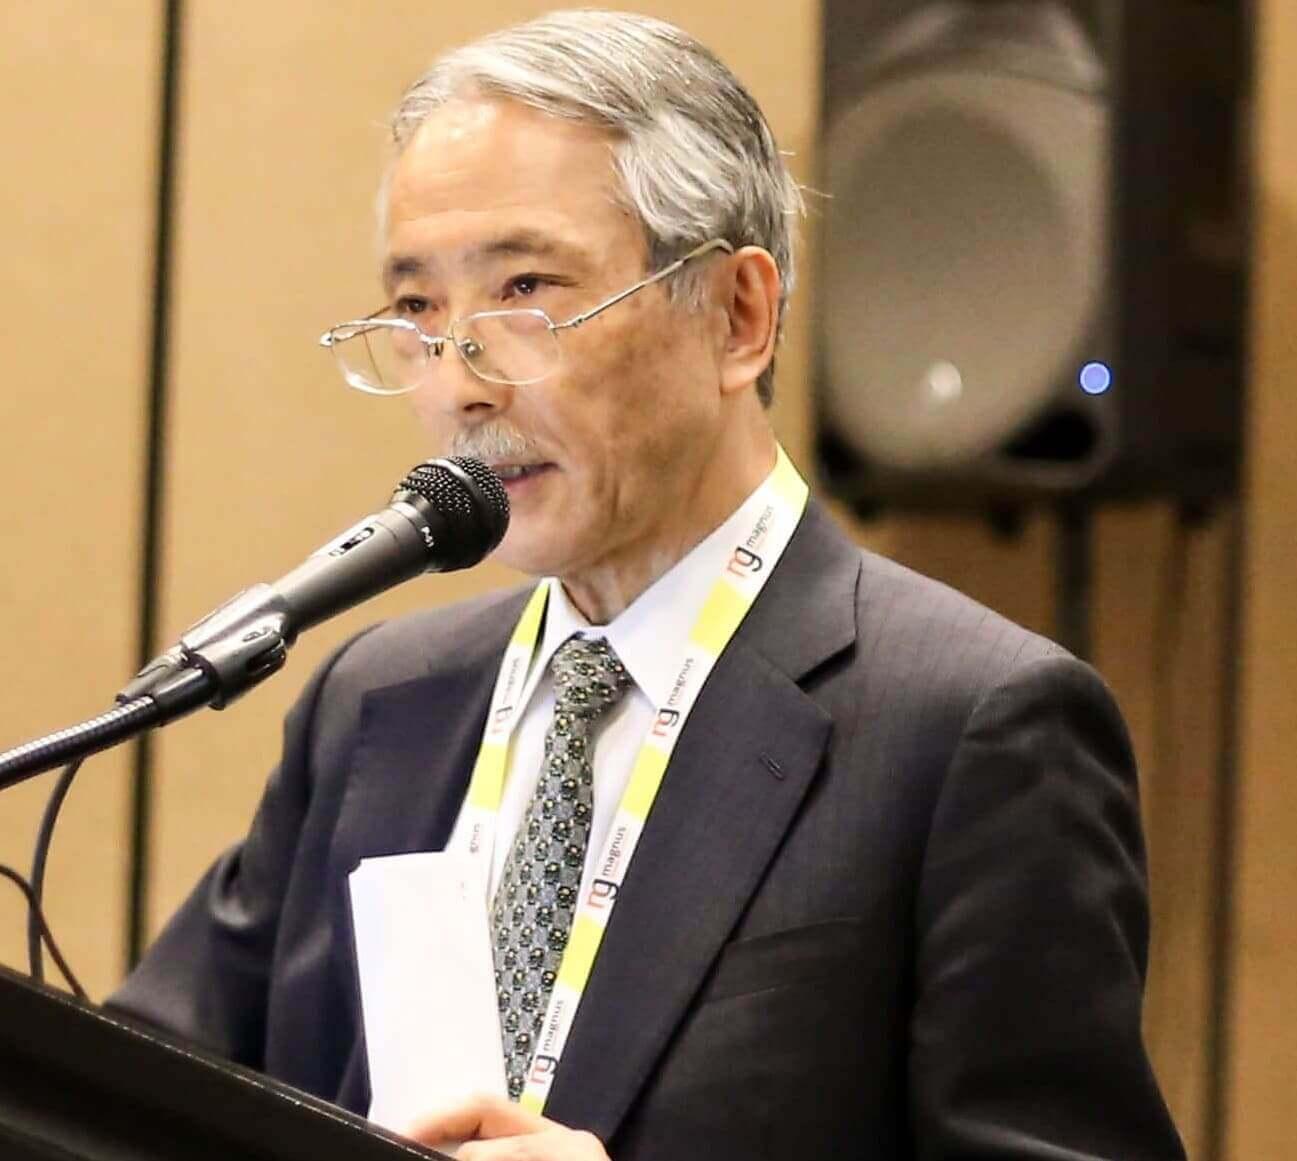 Speaker at upcoming Nursing conferences- Tetsuo Fukawa